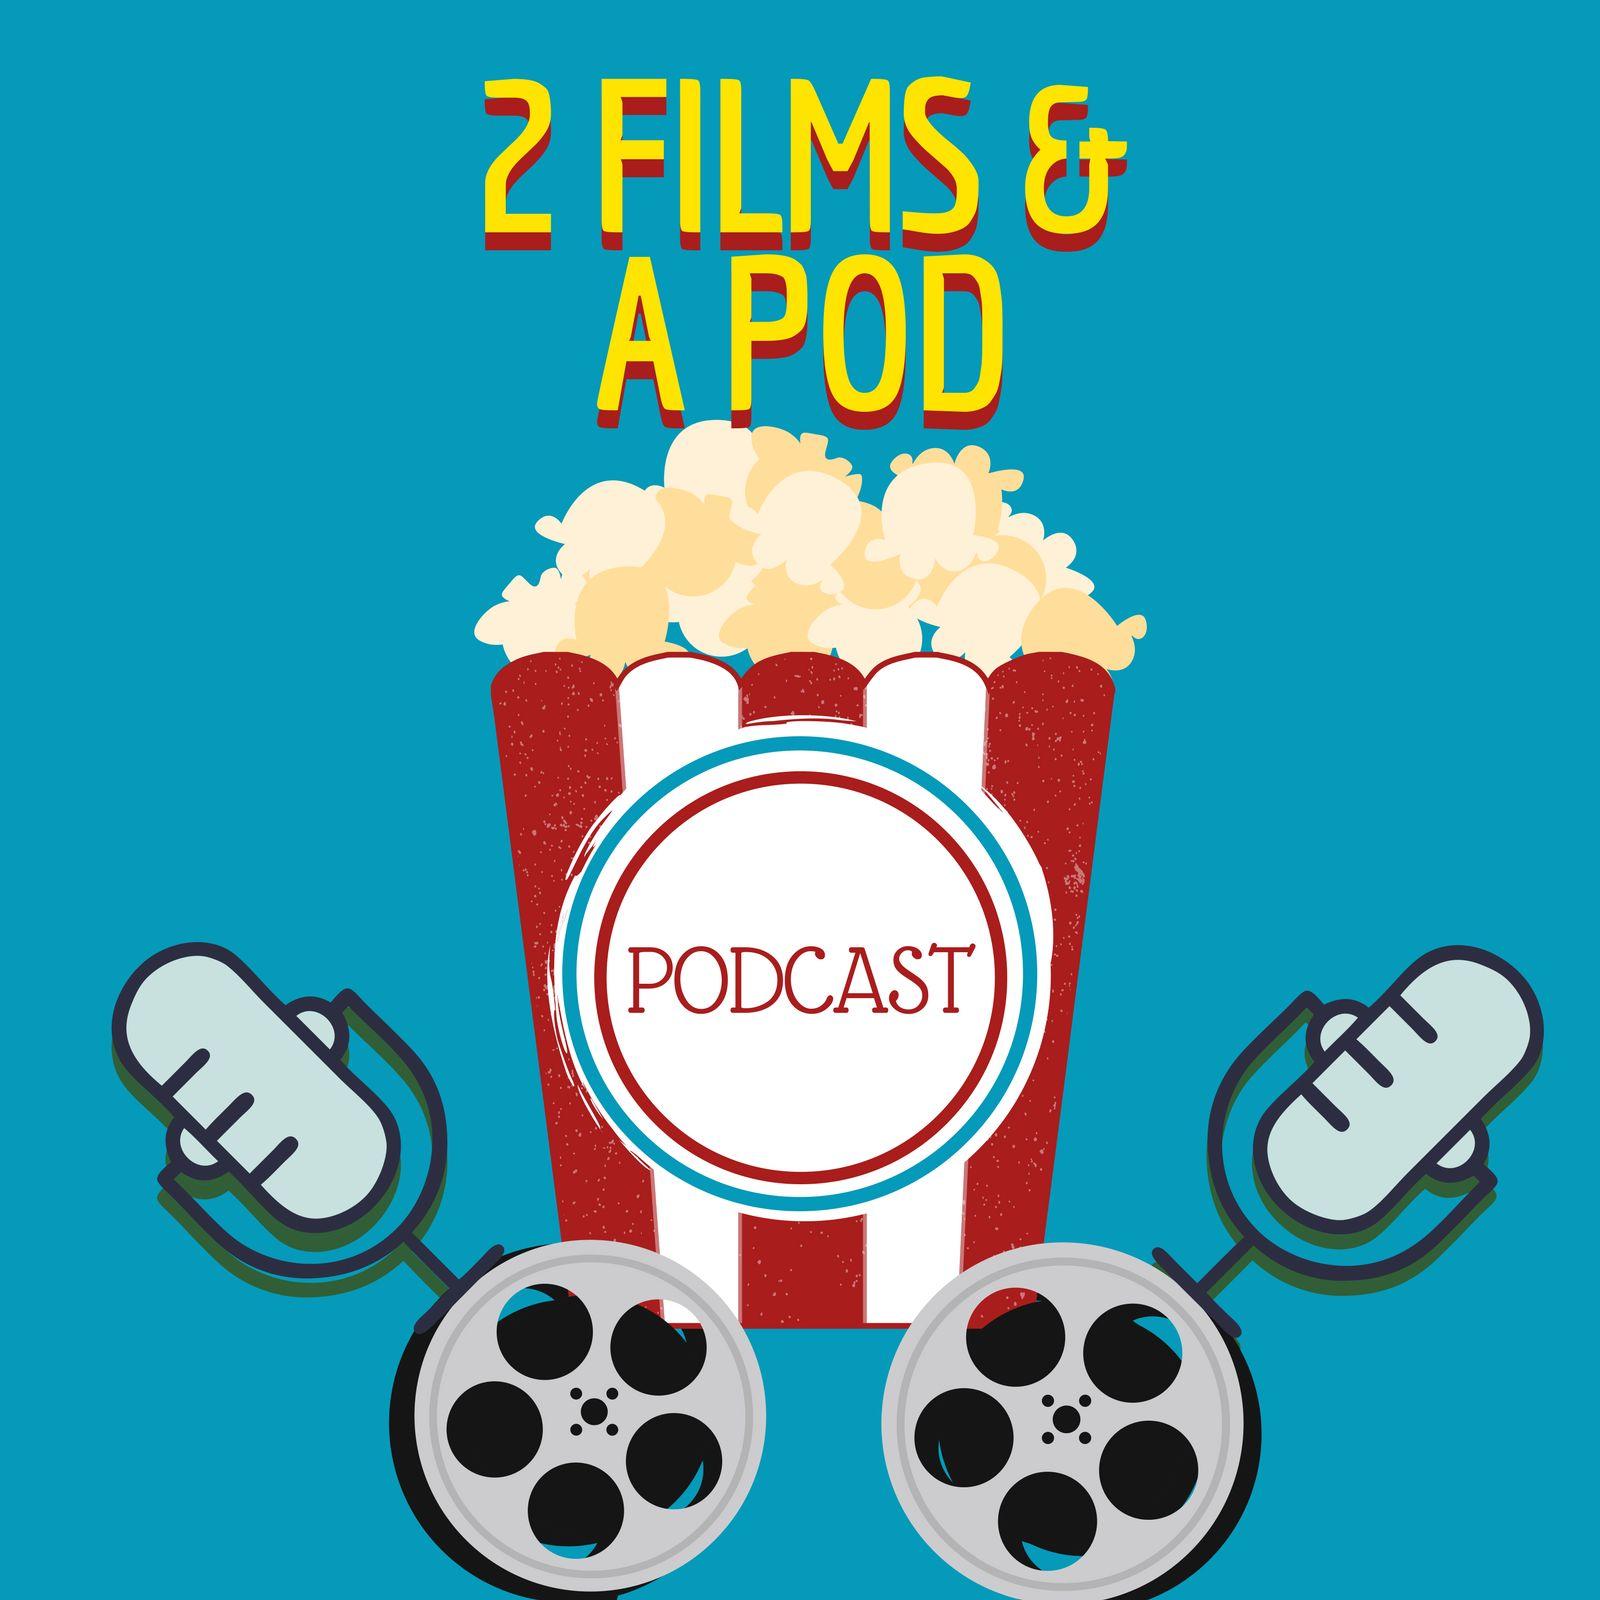 2 Films & A Pod